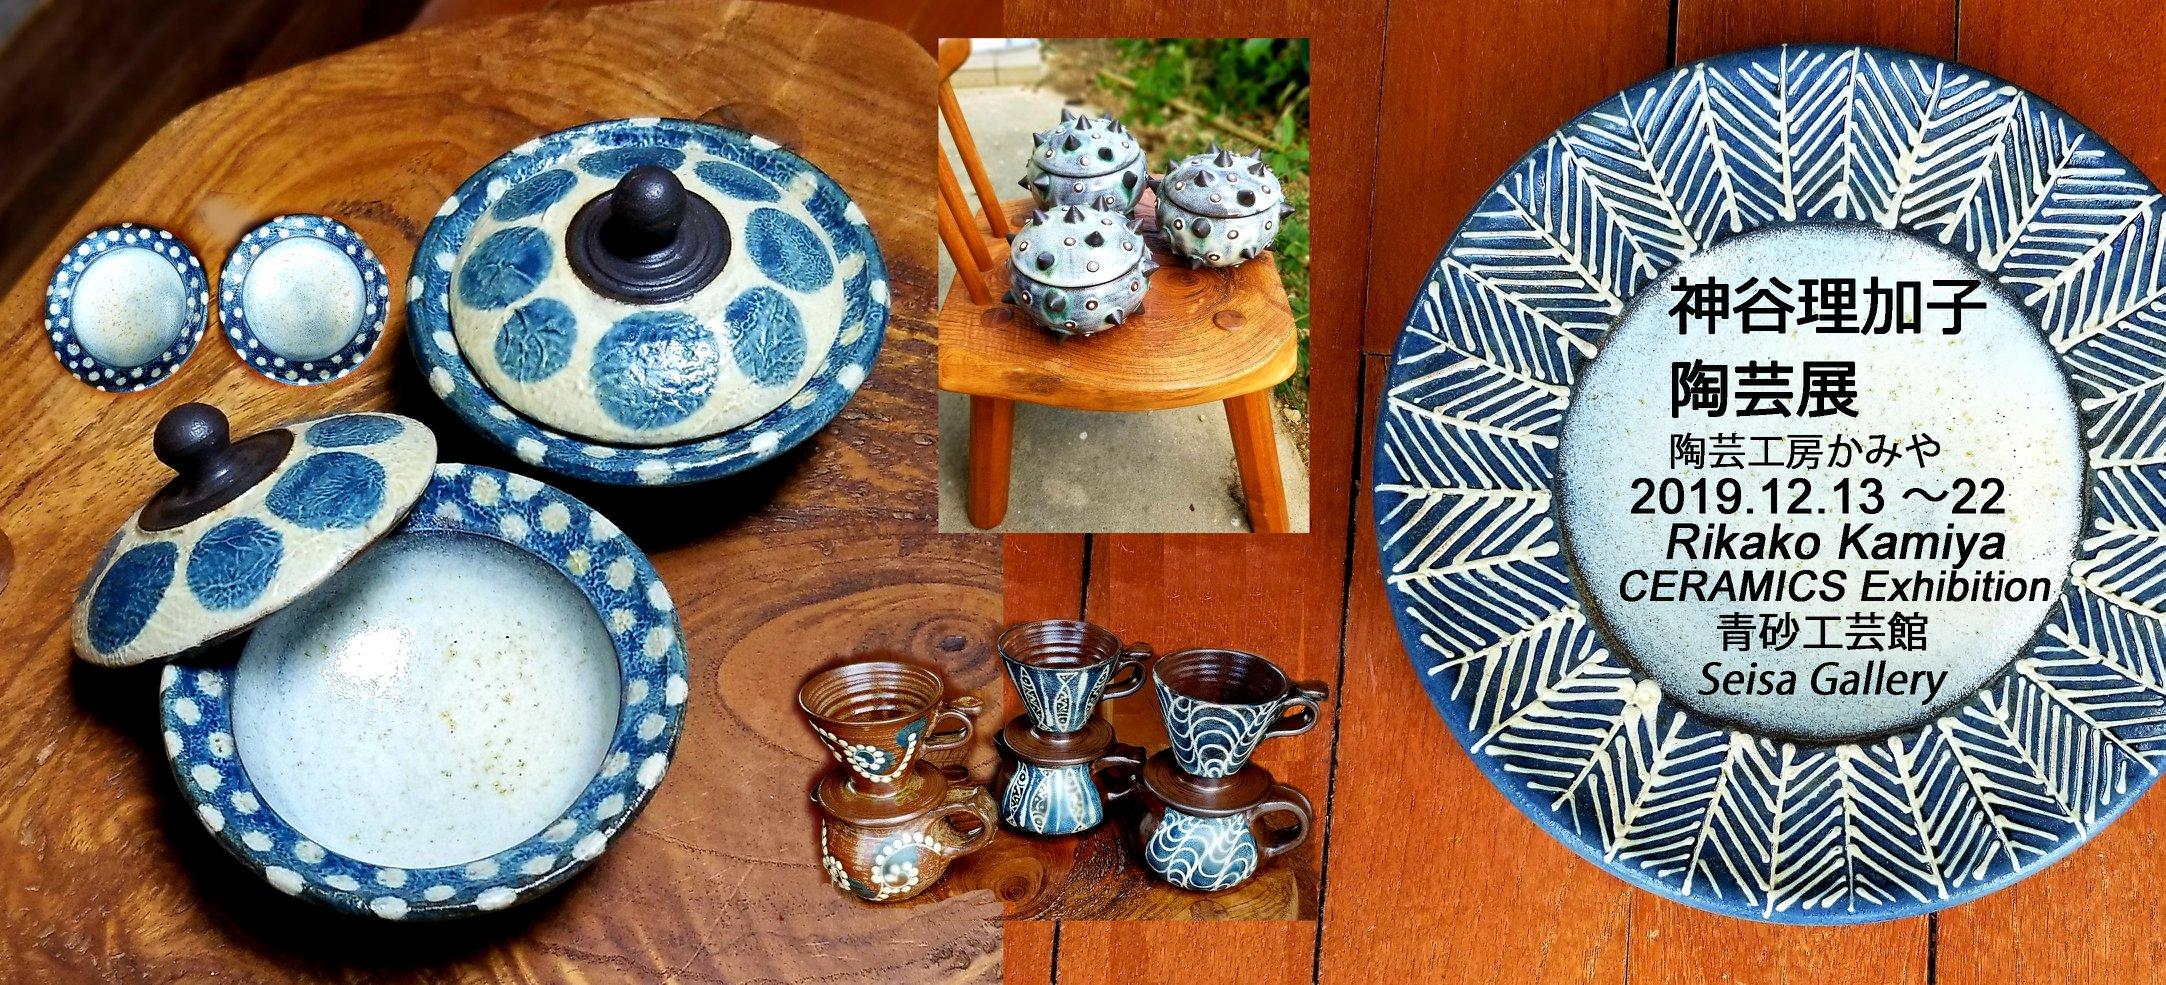 陶芸工房 かみや さんの個展が開催されます